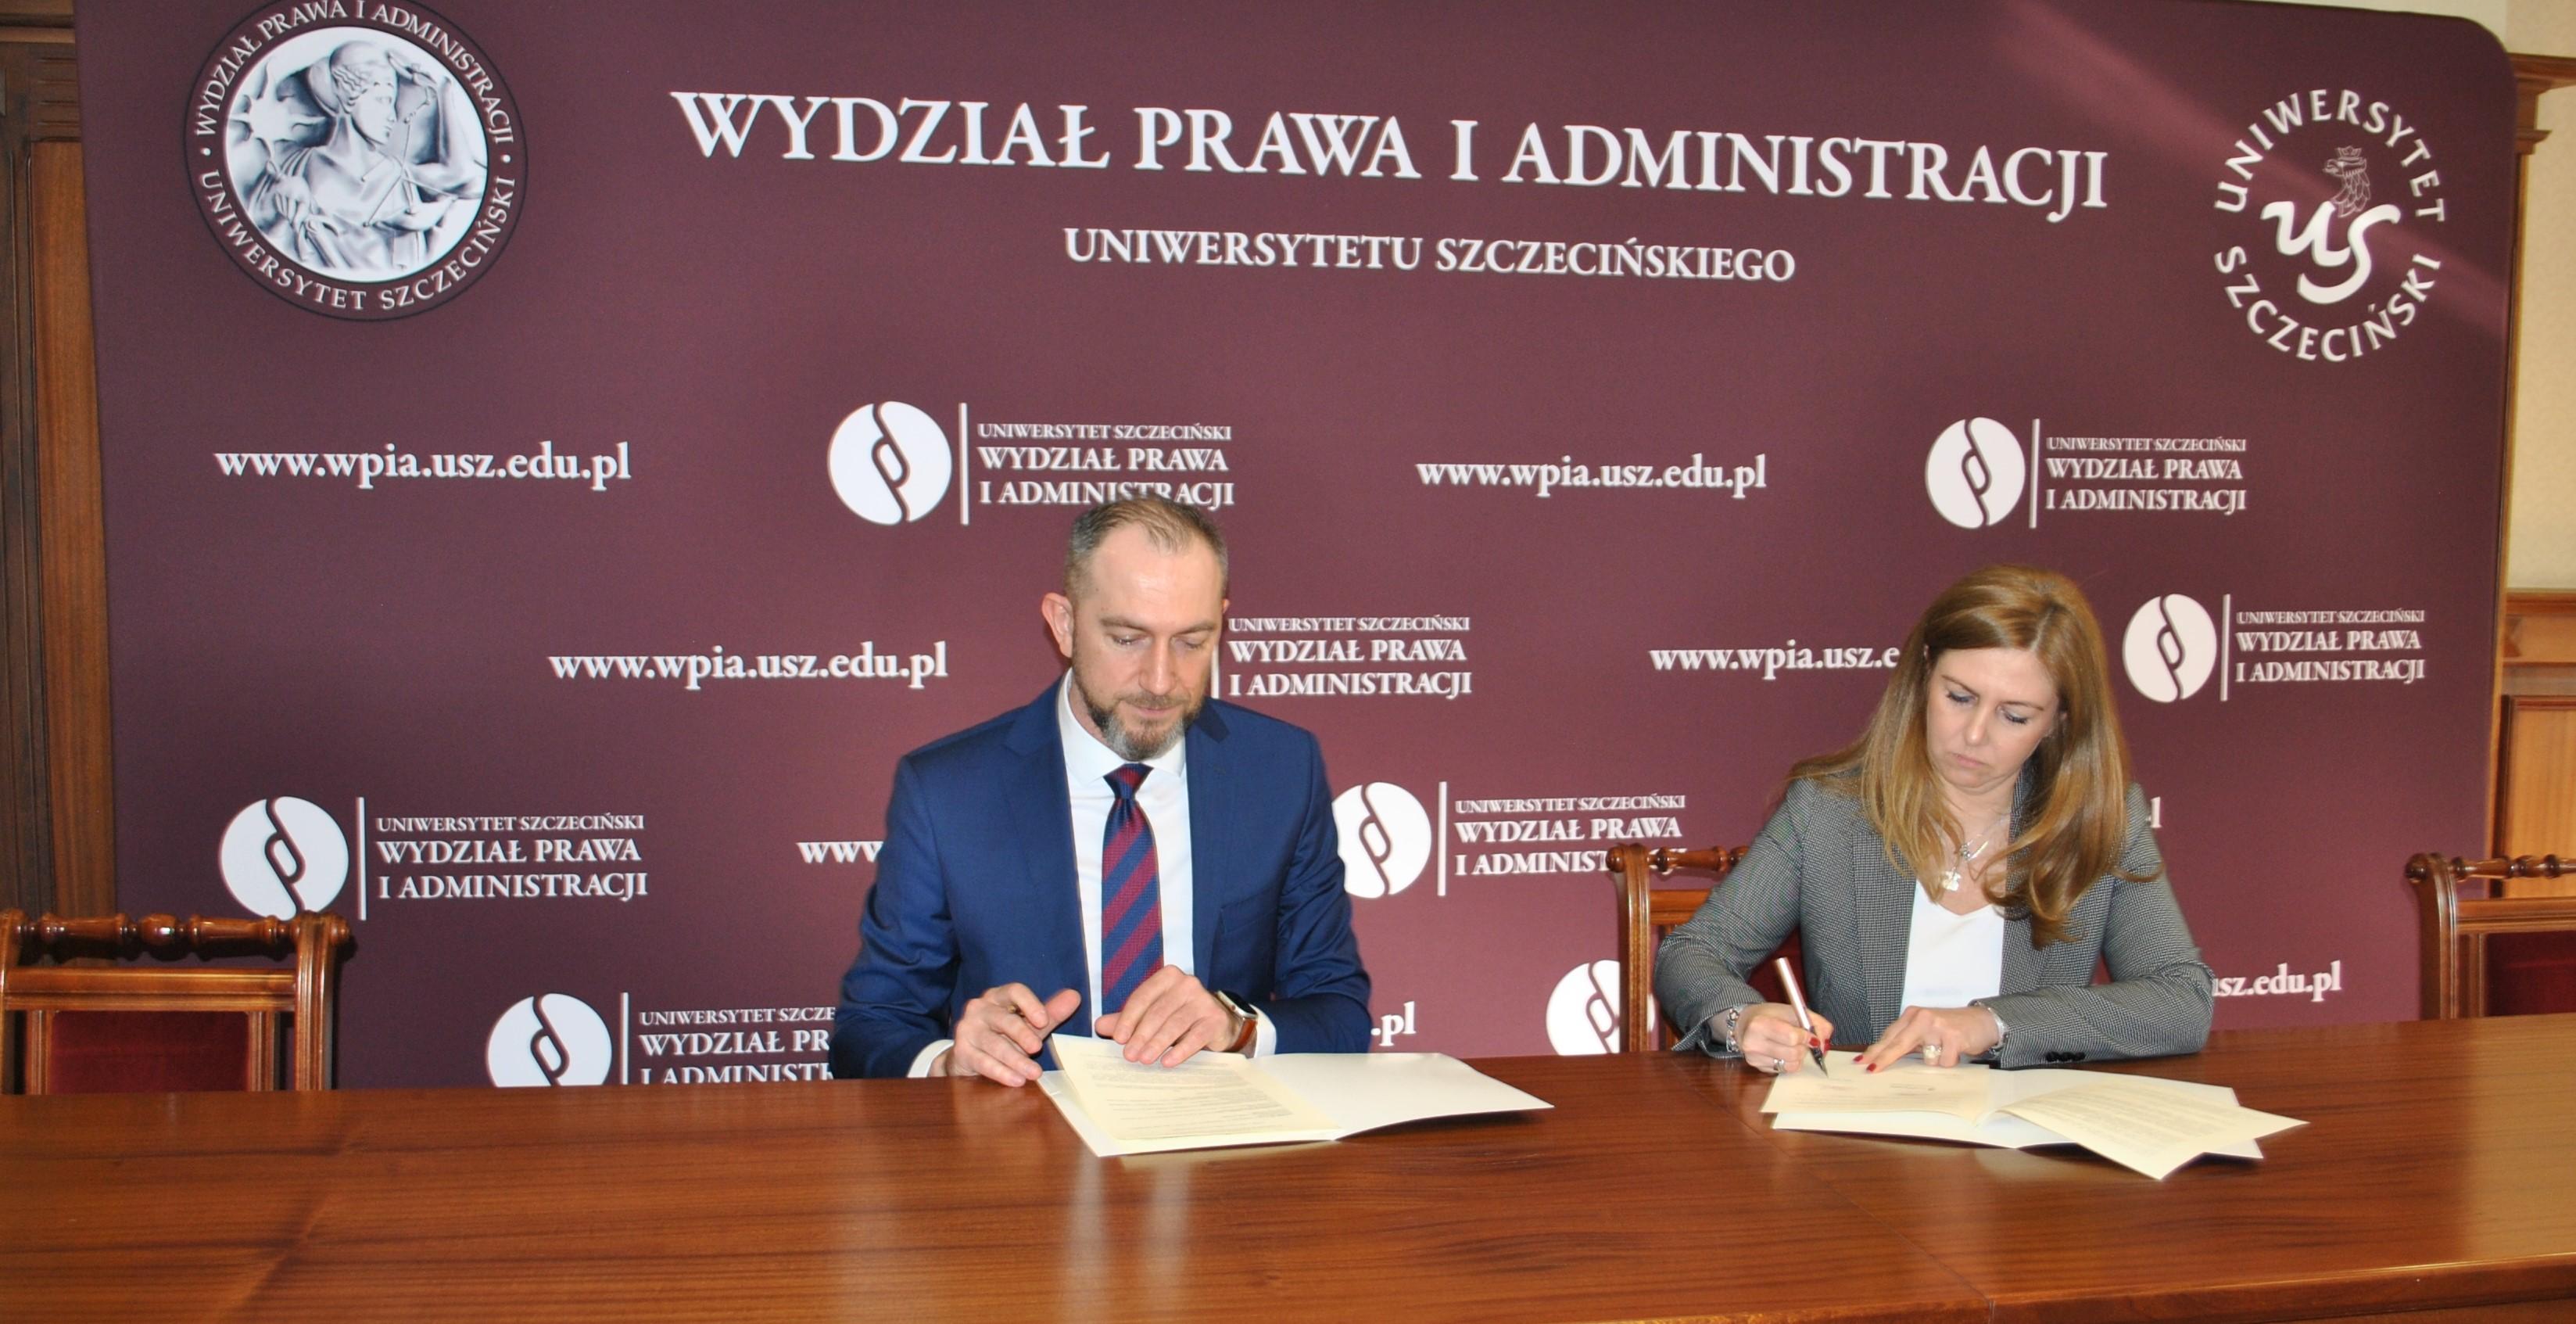 Podpisanie porozumienia w sprawie działalności eksperckiej pomiędzy WPiA US i Currenda Sp. z o.o.